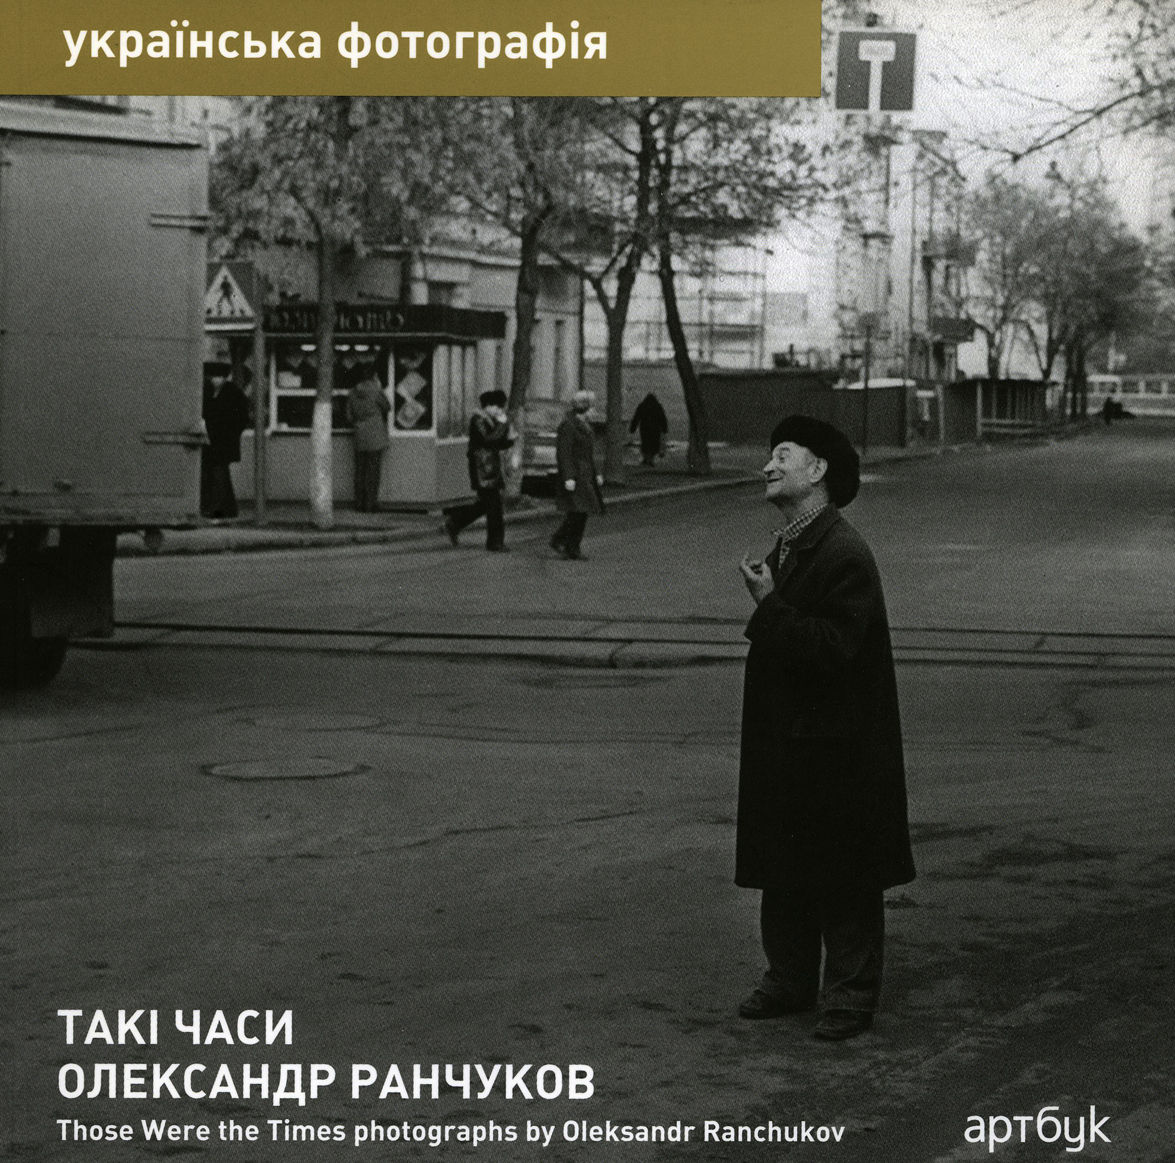 Олександр Ранчуков. Такі часи